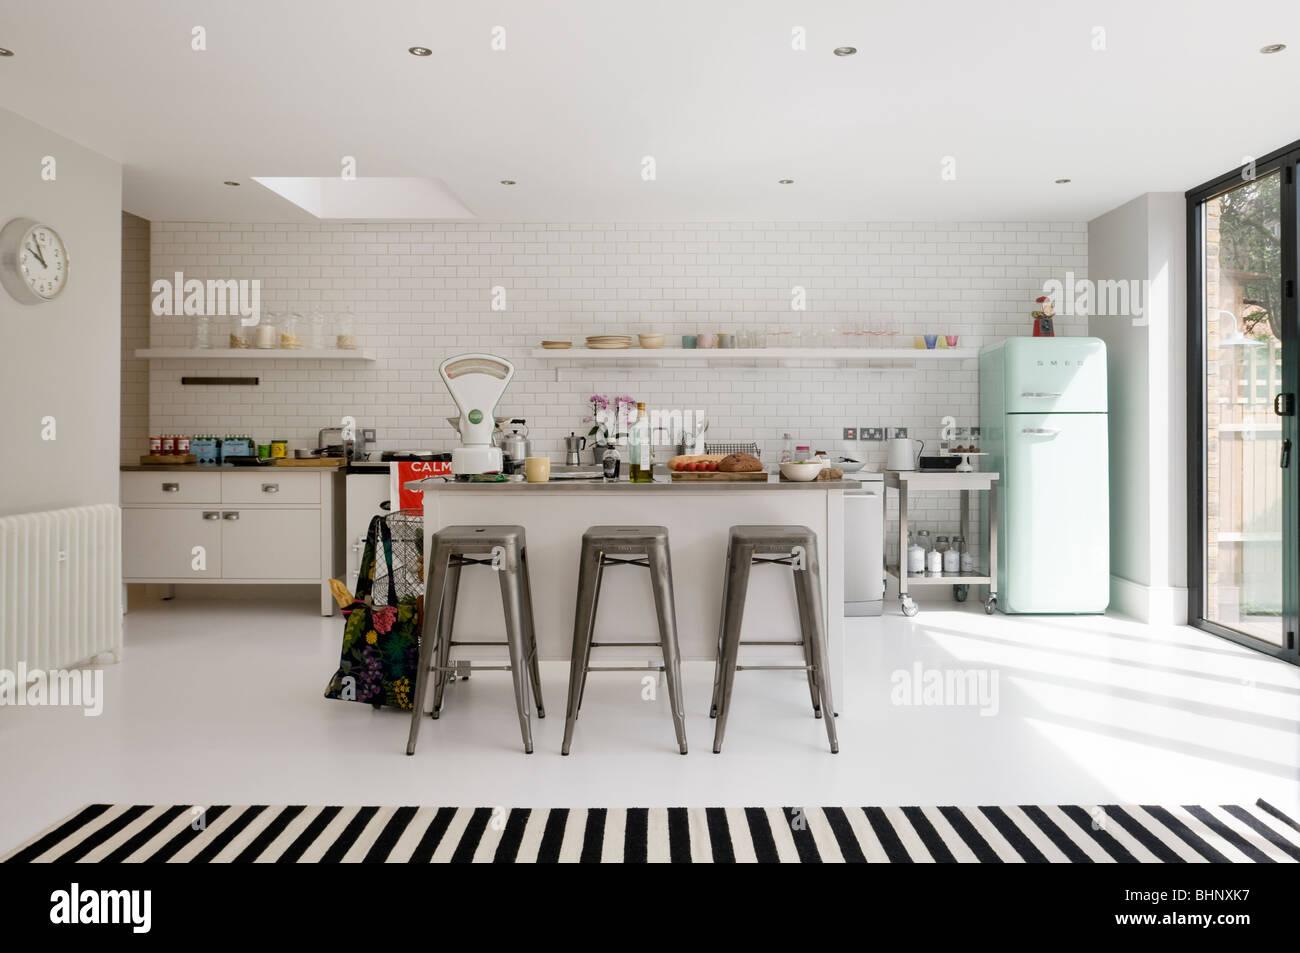 Küchenzeile Mit Retro Kühlschrank : Offene weiß gefliesten küche mit barhockern und retro kühlschrank